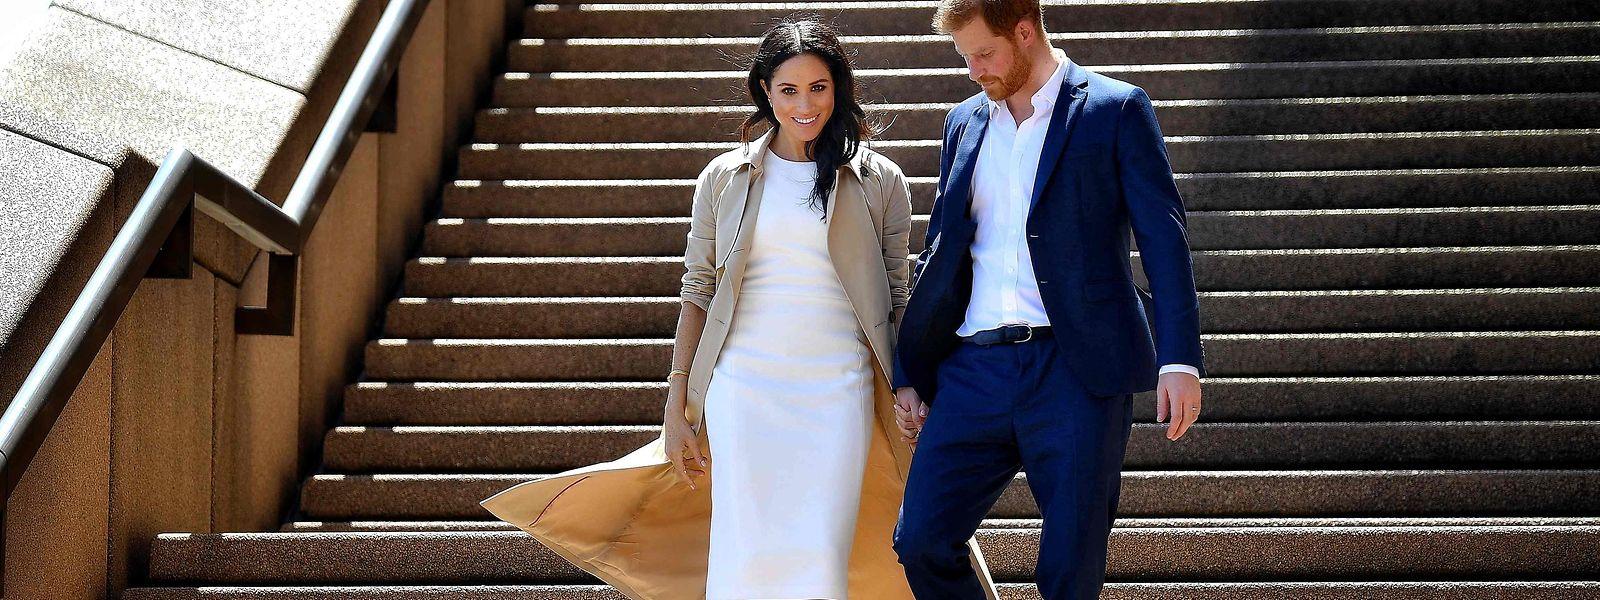 Prinz Harry und Meghan Markle gaben am 6. Juni 2021 die Geburt ihrer Tochter Lilibet Diana bekannt, die nach einem Jahr der Turbulenzen im britischen Königshaus in Kalifornien zur Welt kam.